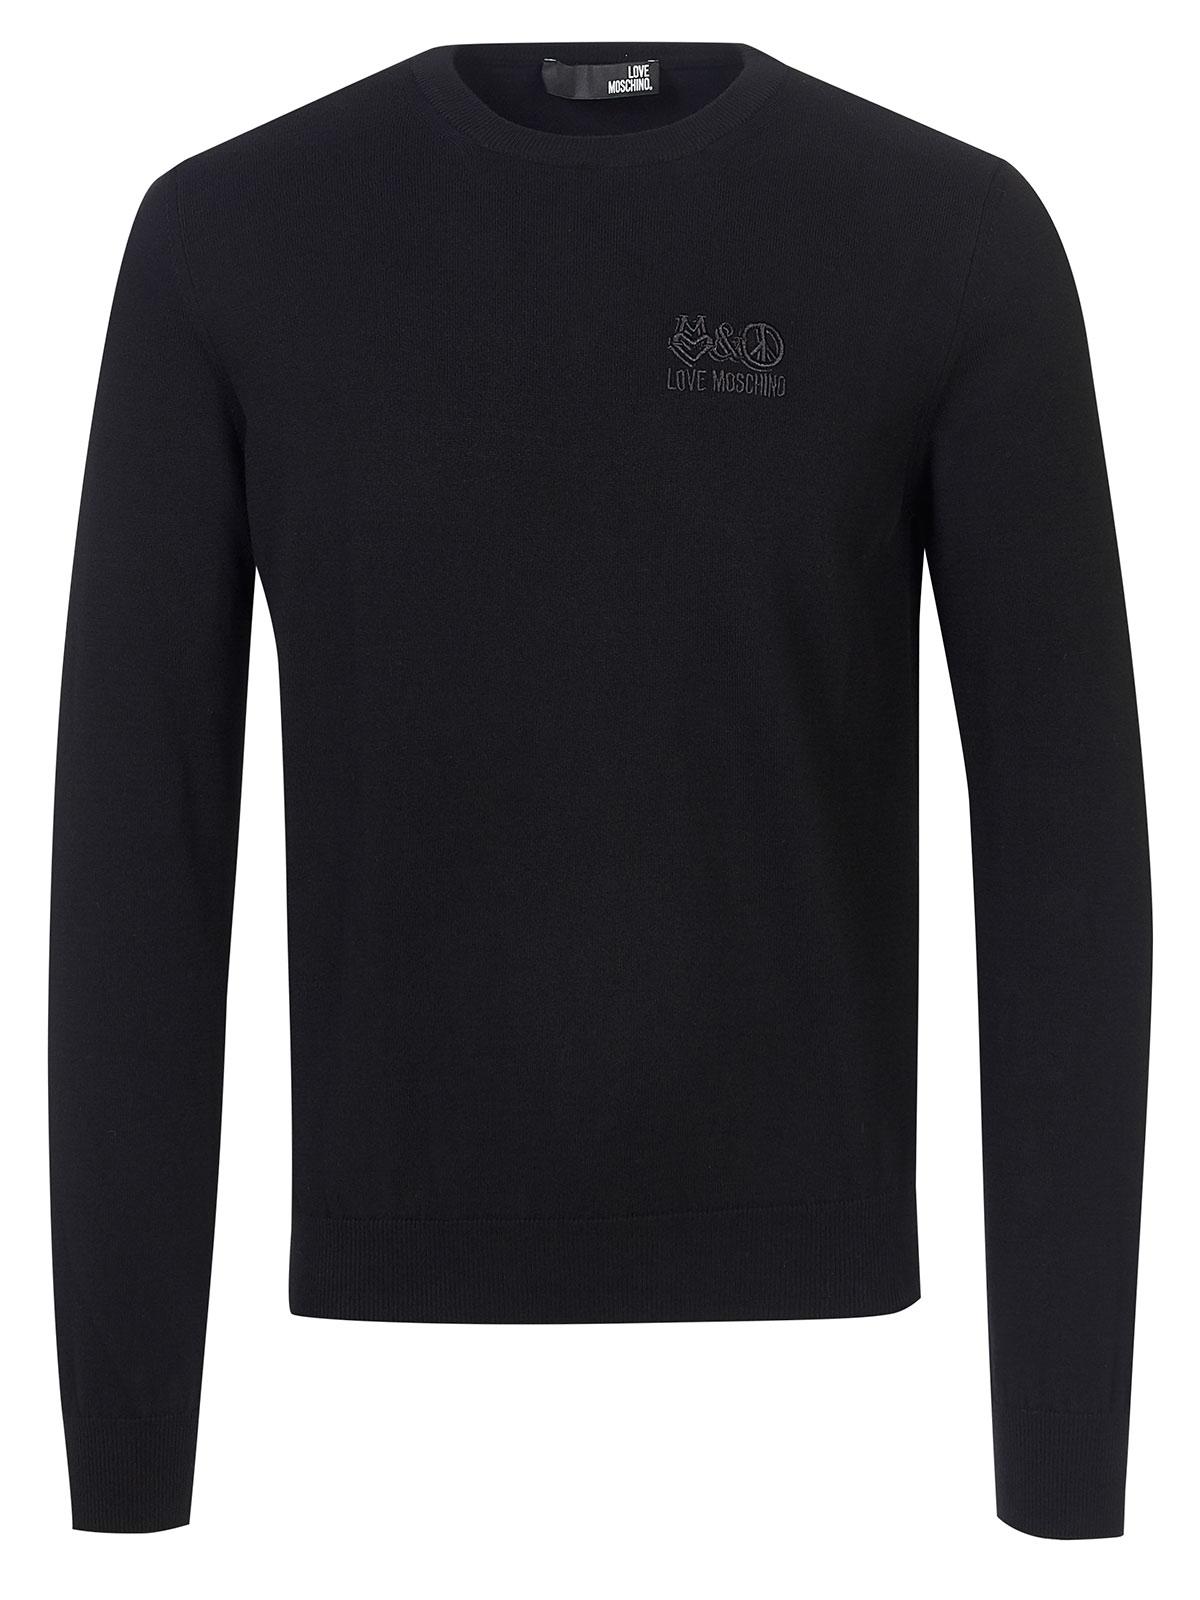 Fashionesta Pullover Shop Moschino Black Online Love wF6fHn